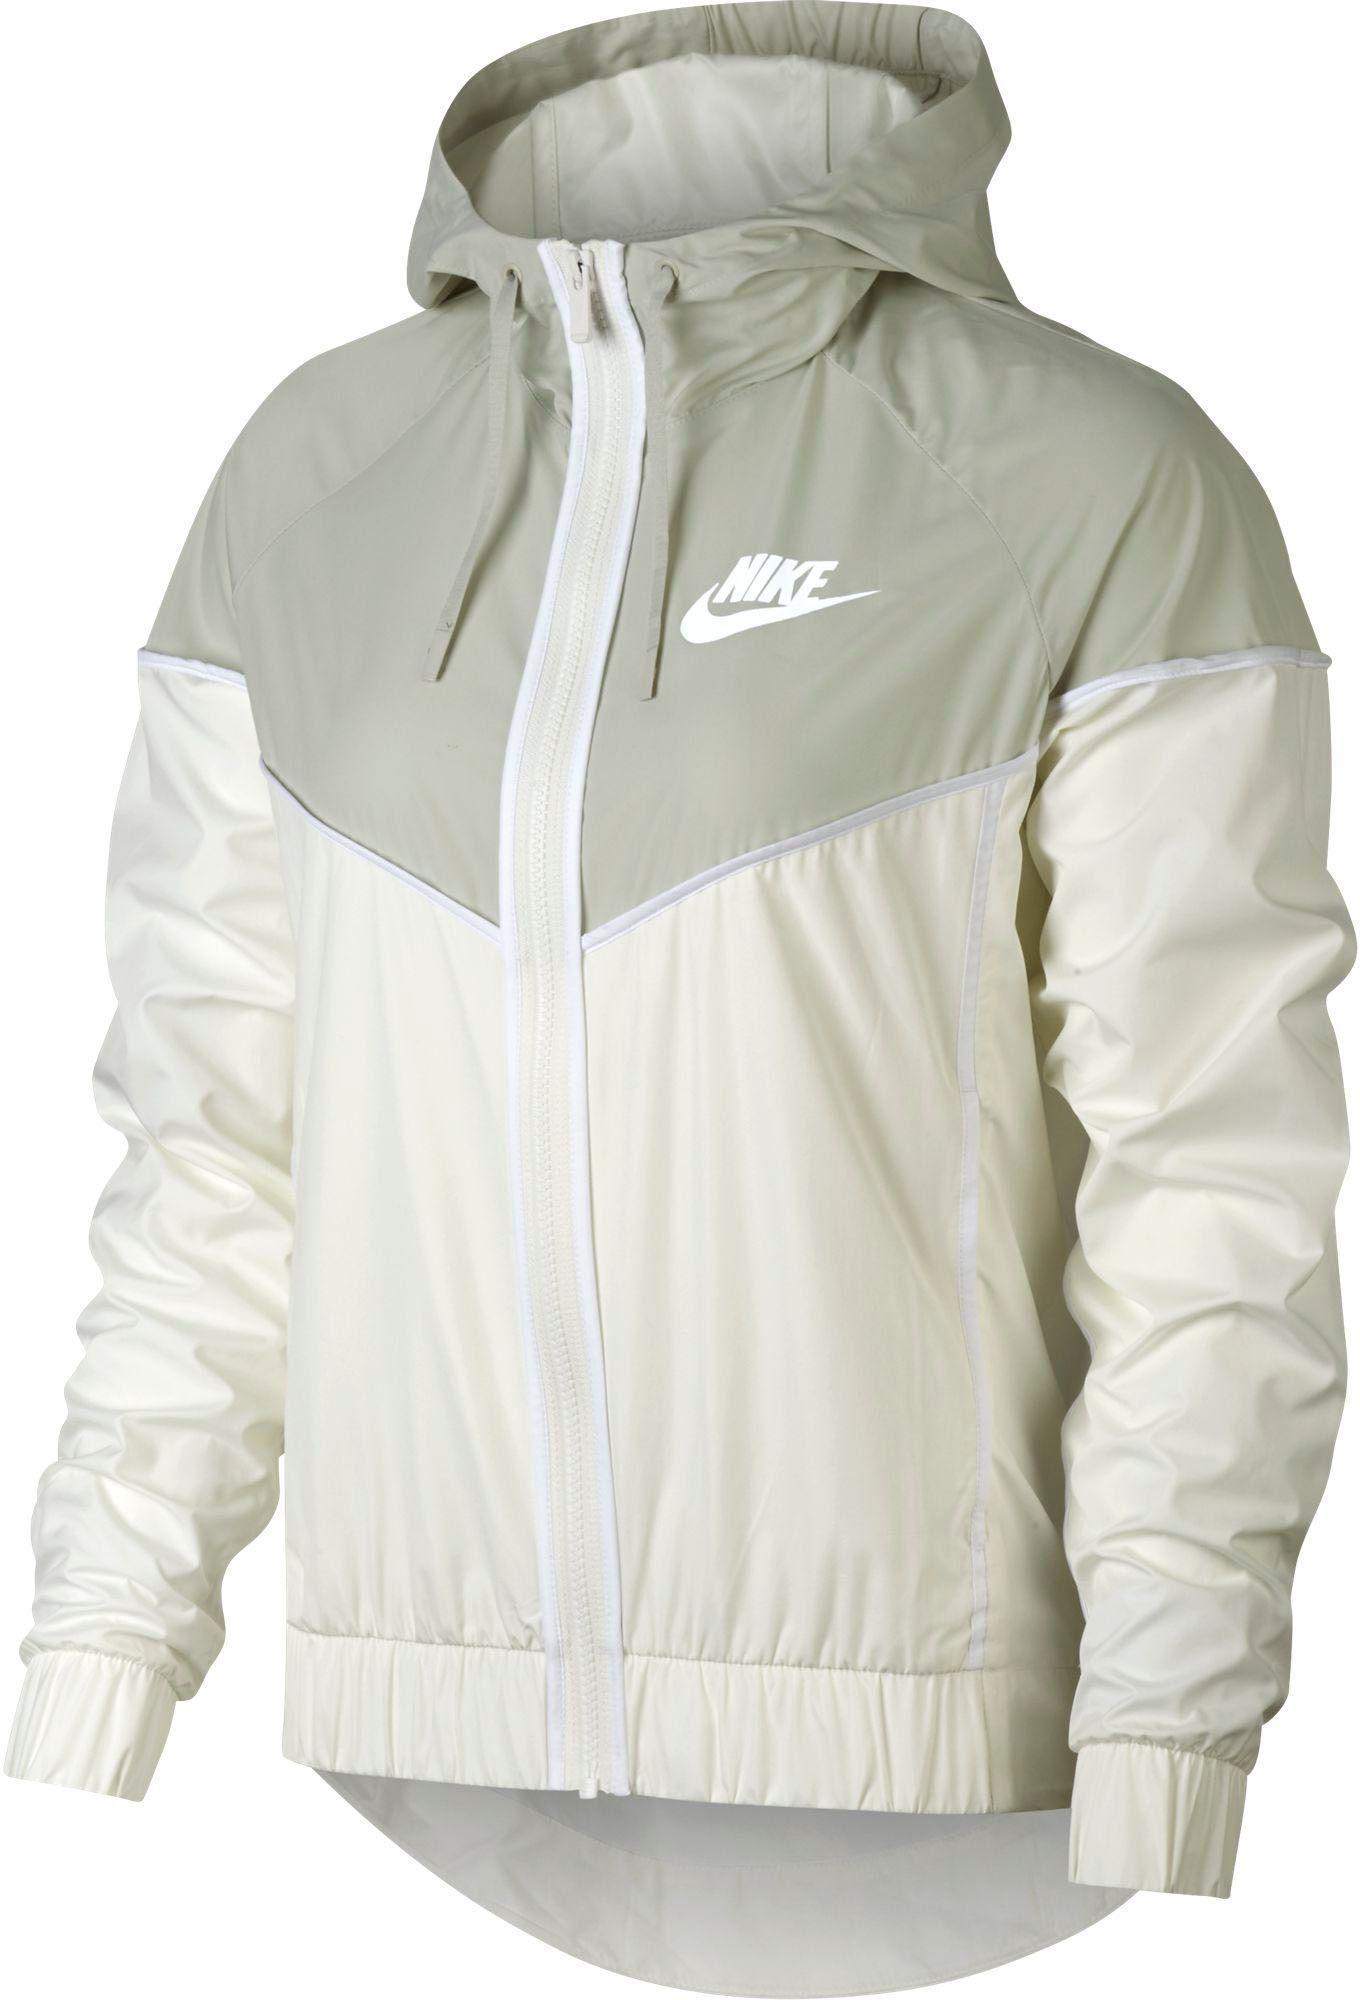 90bccf3df446 Nike Women s Sportswear Windrunner Jacket in 2019